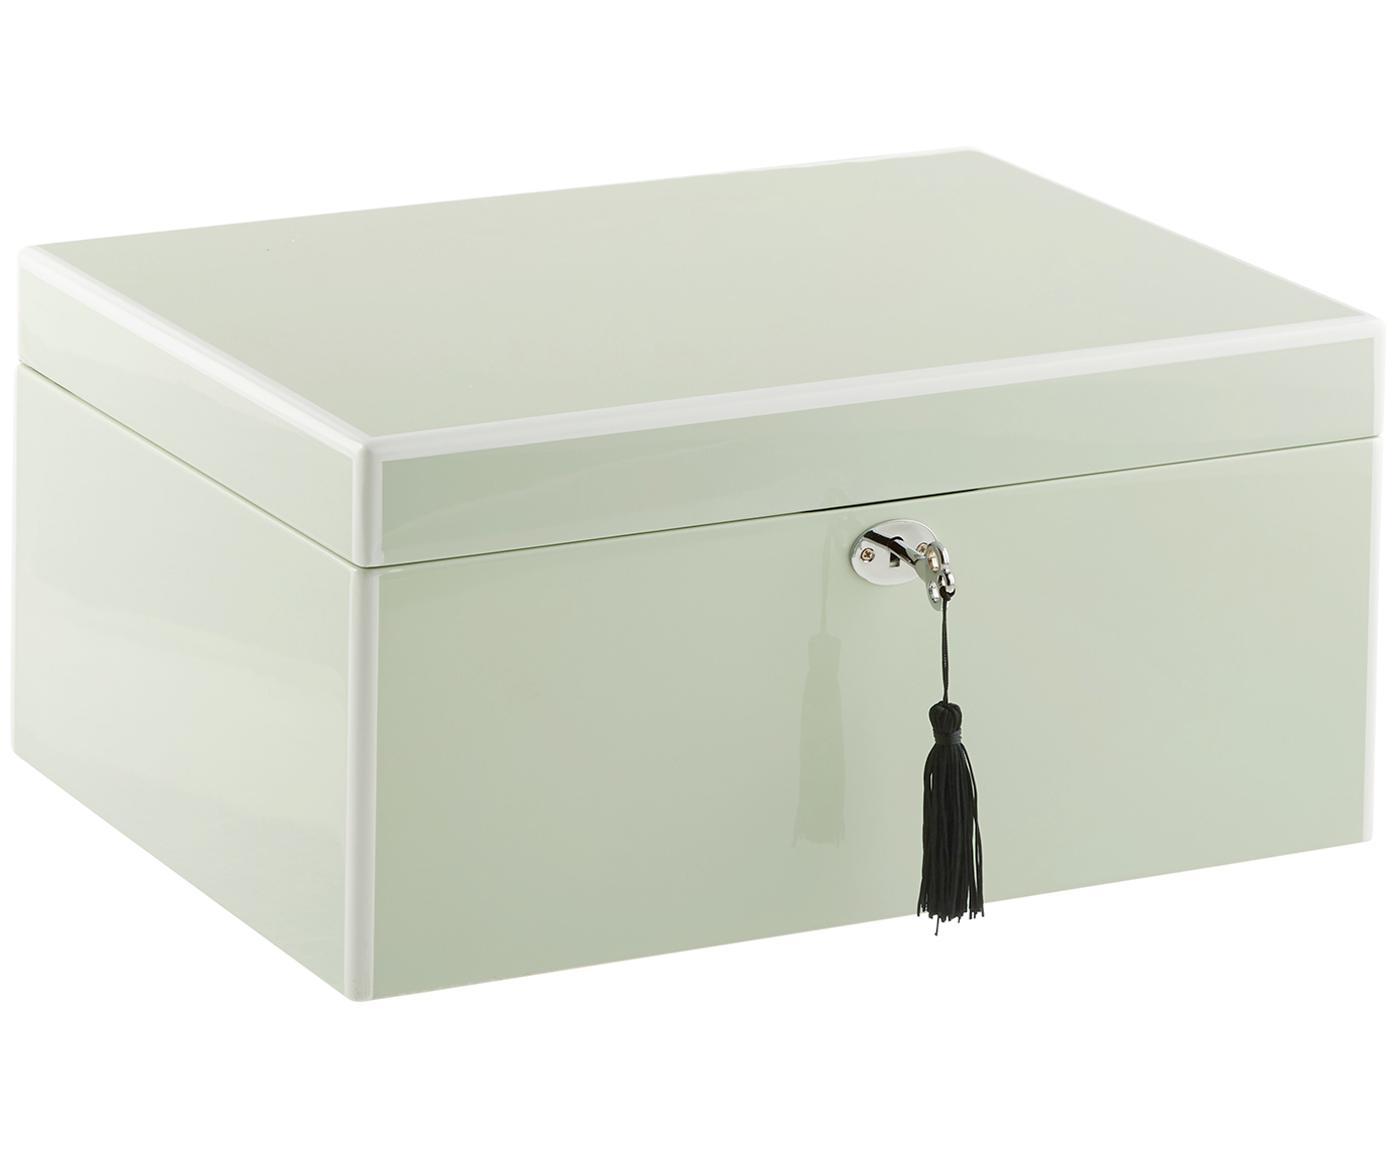 Schmuckbox Juliana mit Spiegel, Kästchen: Mitteldichte Holzfaserpla, Unterseite: Samt zur Schonung der Möb, Mint mit weißer Kante, 31 x 23 cm